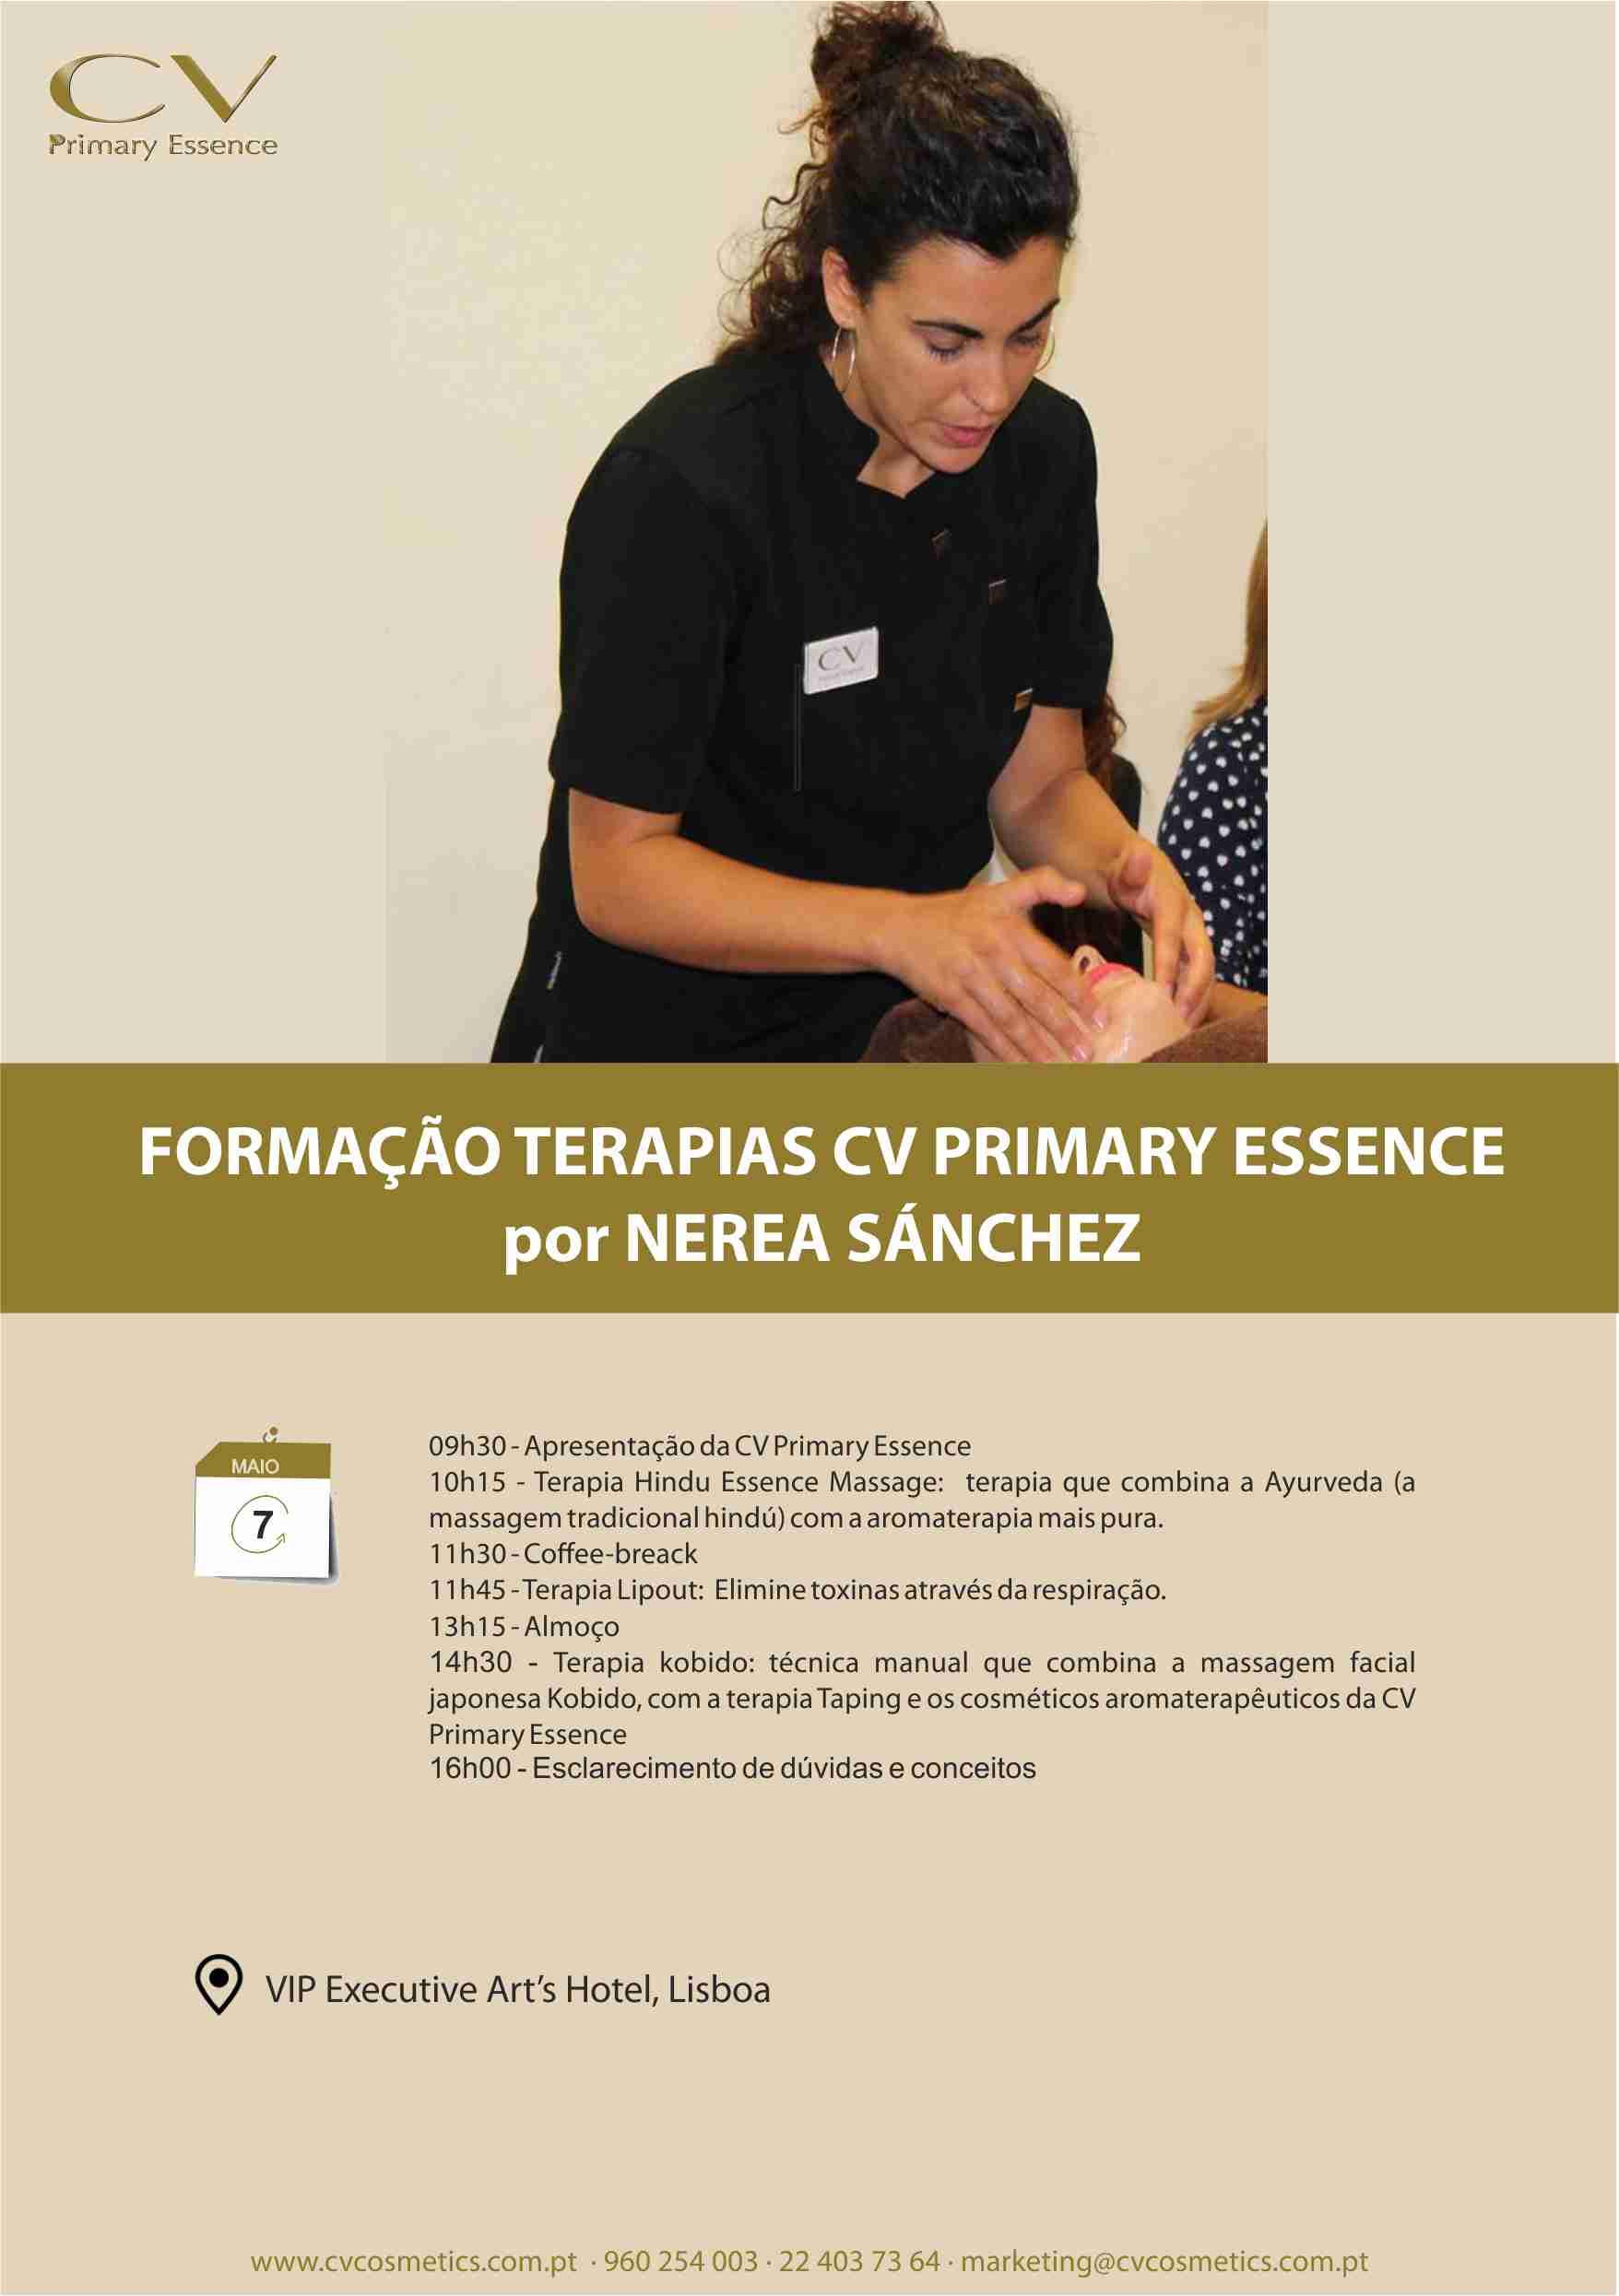 Formação Terapias CV Primary Essence